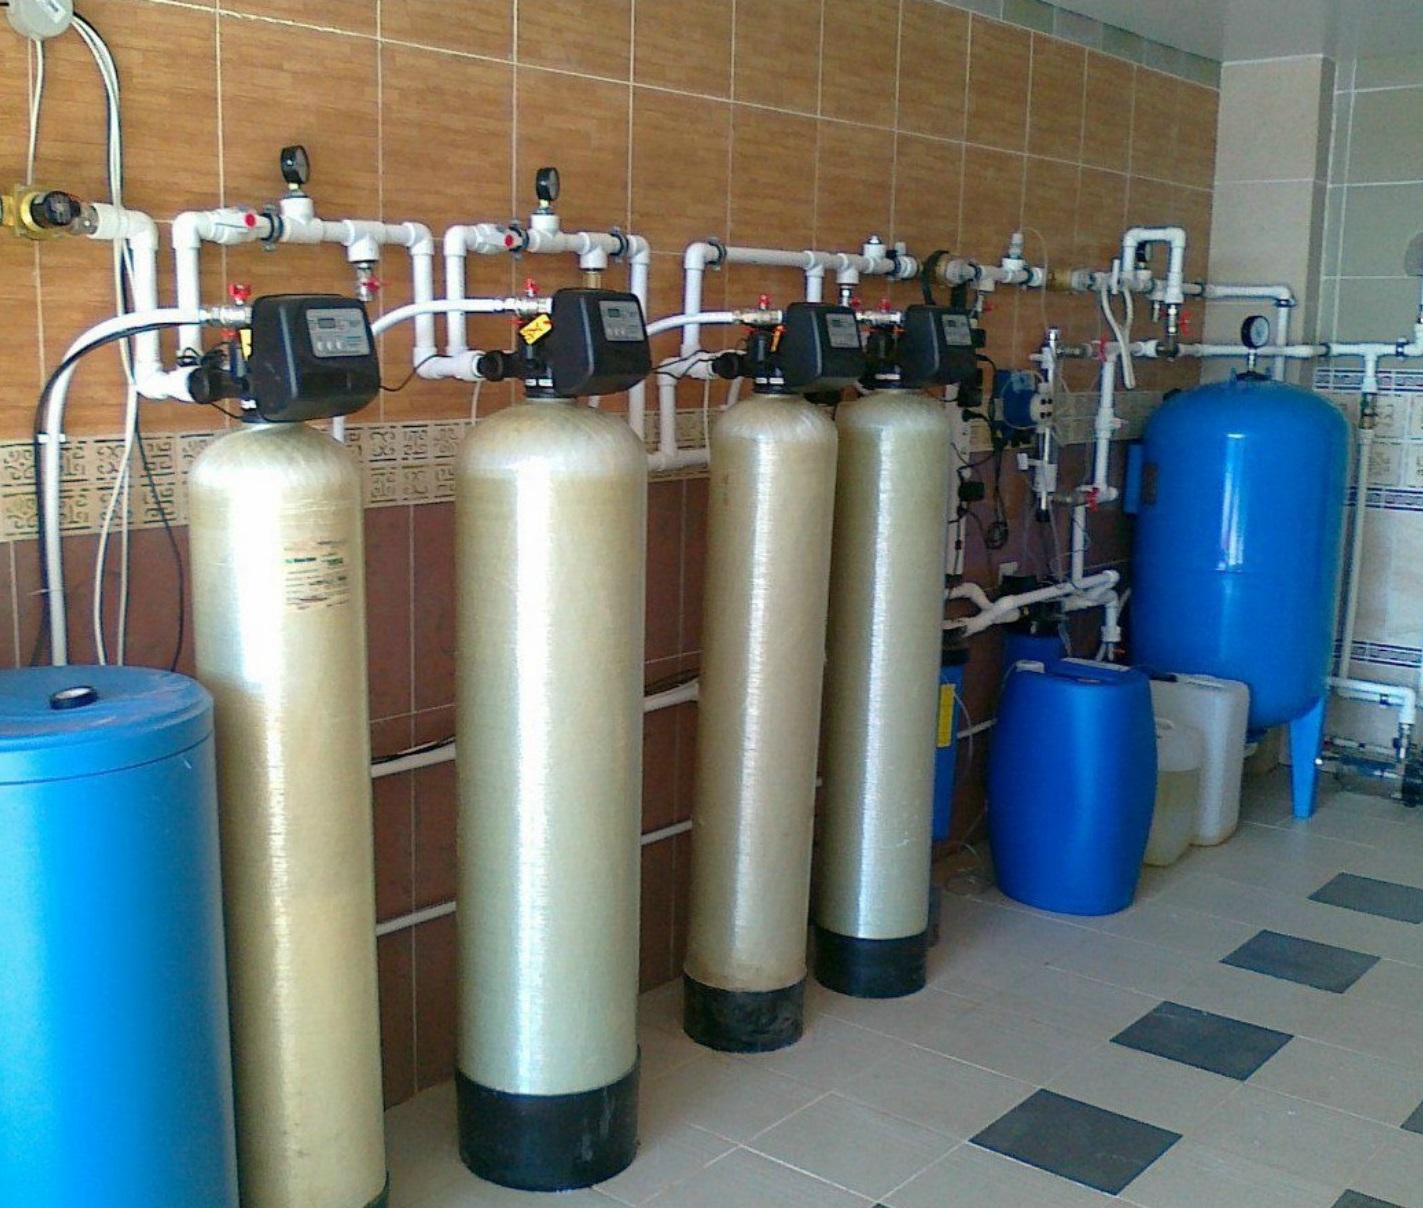 Осветлительные фильтры для очистки воды от глины